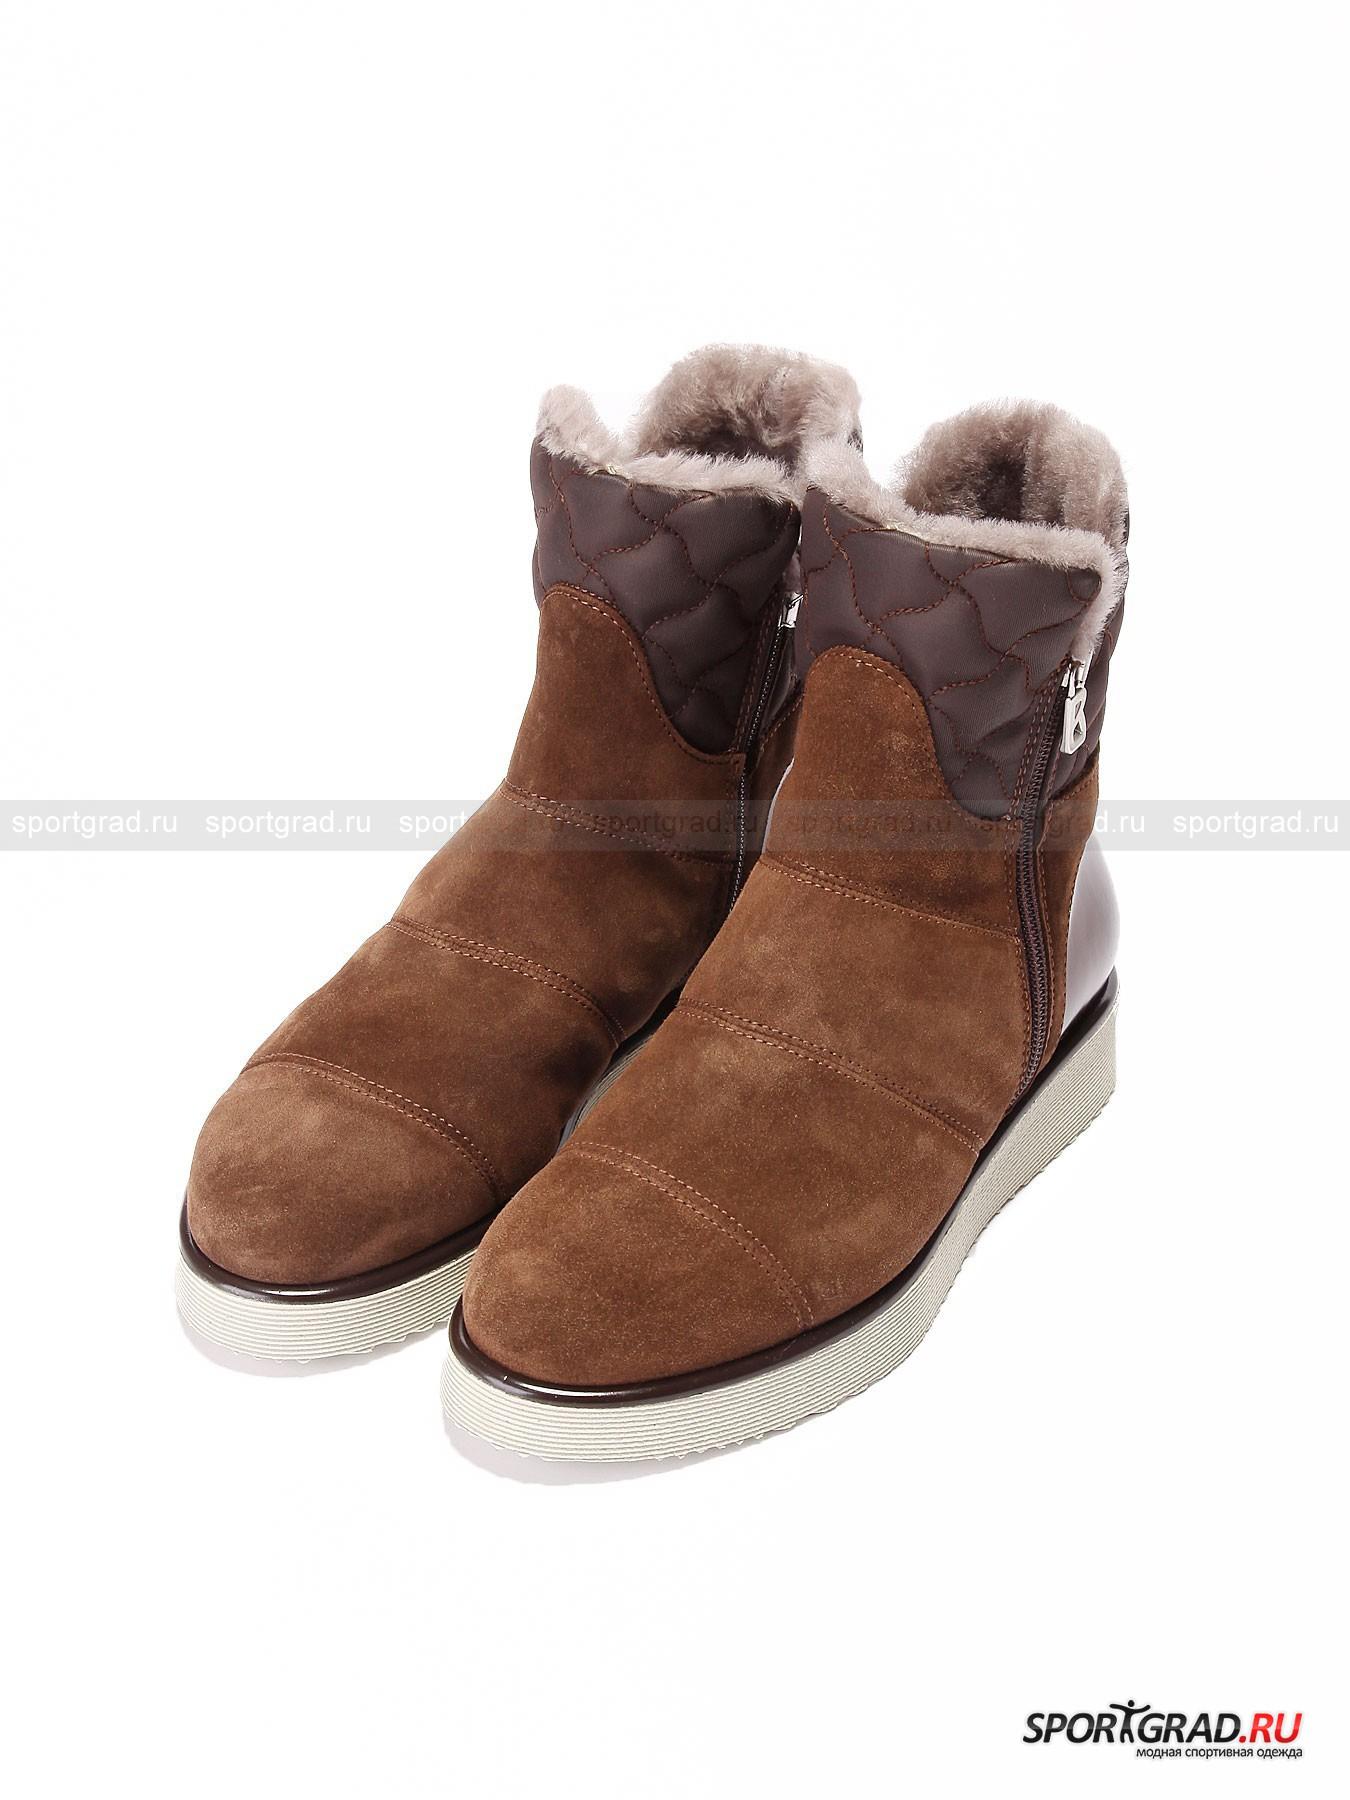 Женские ботинки BOGNER Oslo 1 CБотинки<br>Знаменитый немецкий бренд Bogner производит не только качественную и практичную одежду для занятия горнолыжным спортом. Есть в линейке бренда и целая линия обувь для повседневной носки в условиях города.<br><br>Невероятно уютные женские ботинки Oslo 1 C отличаются аккуратным внешним видом и утонченным силуэтом, что является большой редкостью для зимней обуви. Но главной особенностью данной модели стоит считать высокий уровень сохранения тепла. Внутренняя отделка натуральным мехом спасет вас даже в самую холодную погоду. Выполненный из сочетания замши, кожи и синтетики верх посажен на высокую и надежную резиновую подошву.<br><br>•Высокая колодка<br>•Застежка на молнии по бокам<br>•Съемная амортизирующая стелька<br>•Фирменный логотип компании<br>•В комплект входит специальный мешок для обуви<br><br>Пол: Женский<br>Возраст: Взрослый<br>Тип: Ботинки<br>Состав: Замша, кожа, синтетика, подошва – 100% резина.